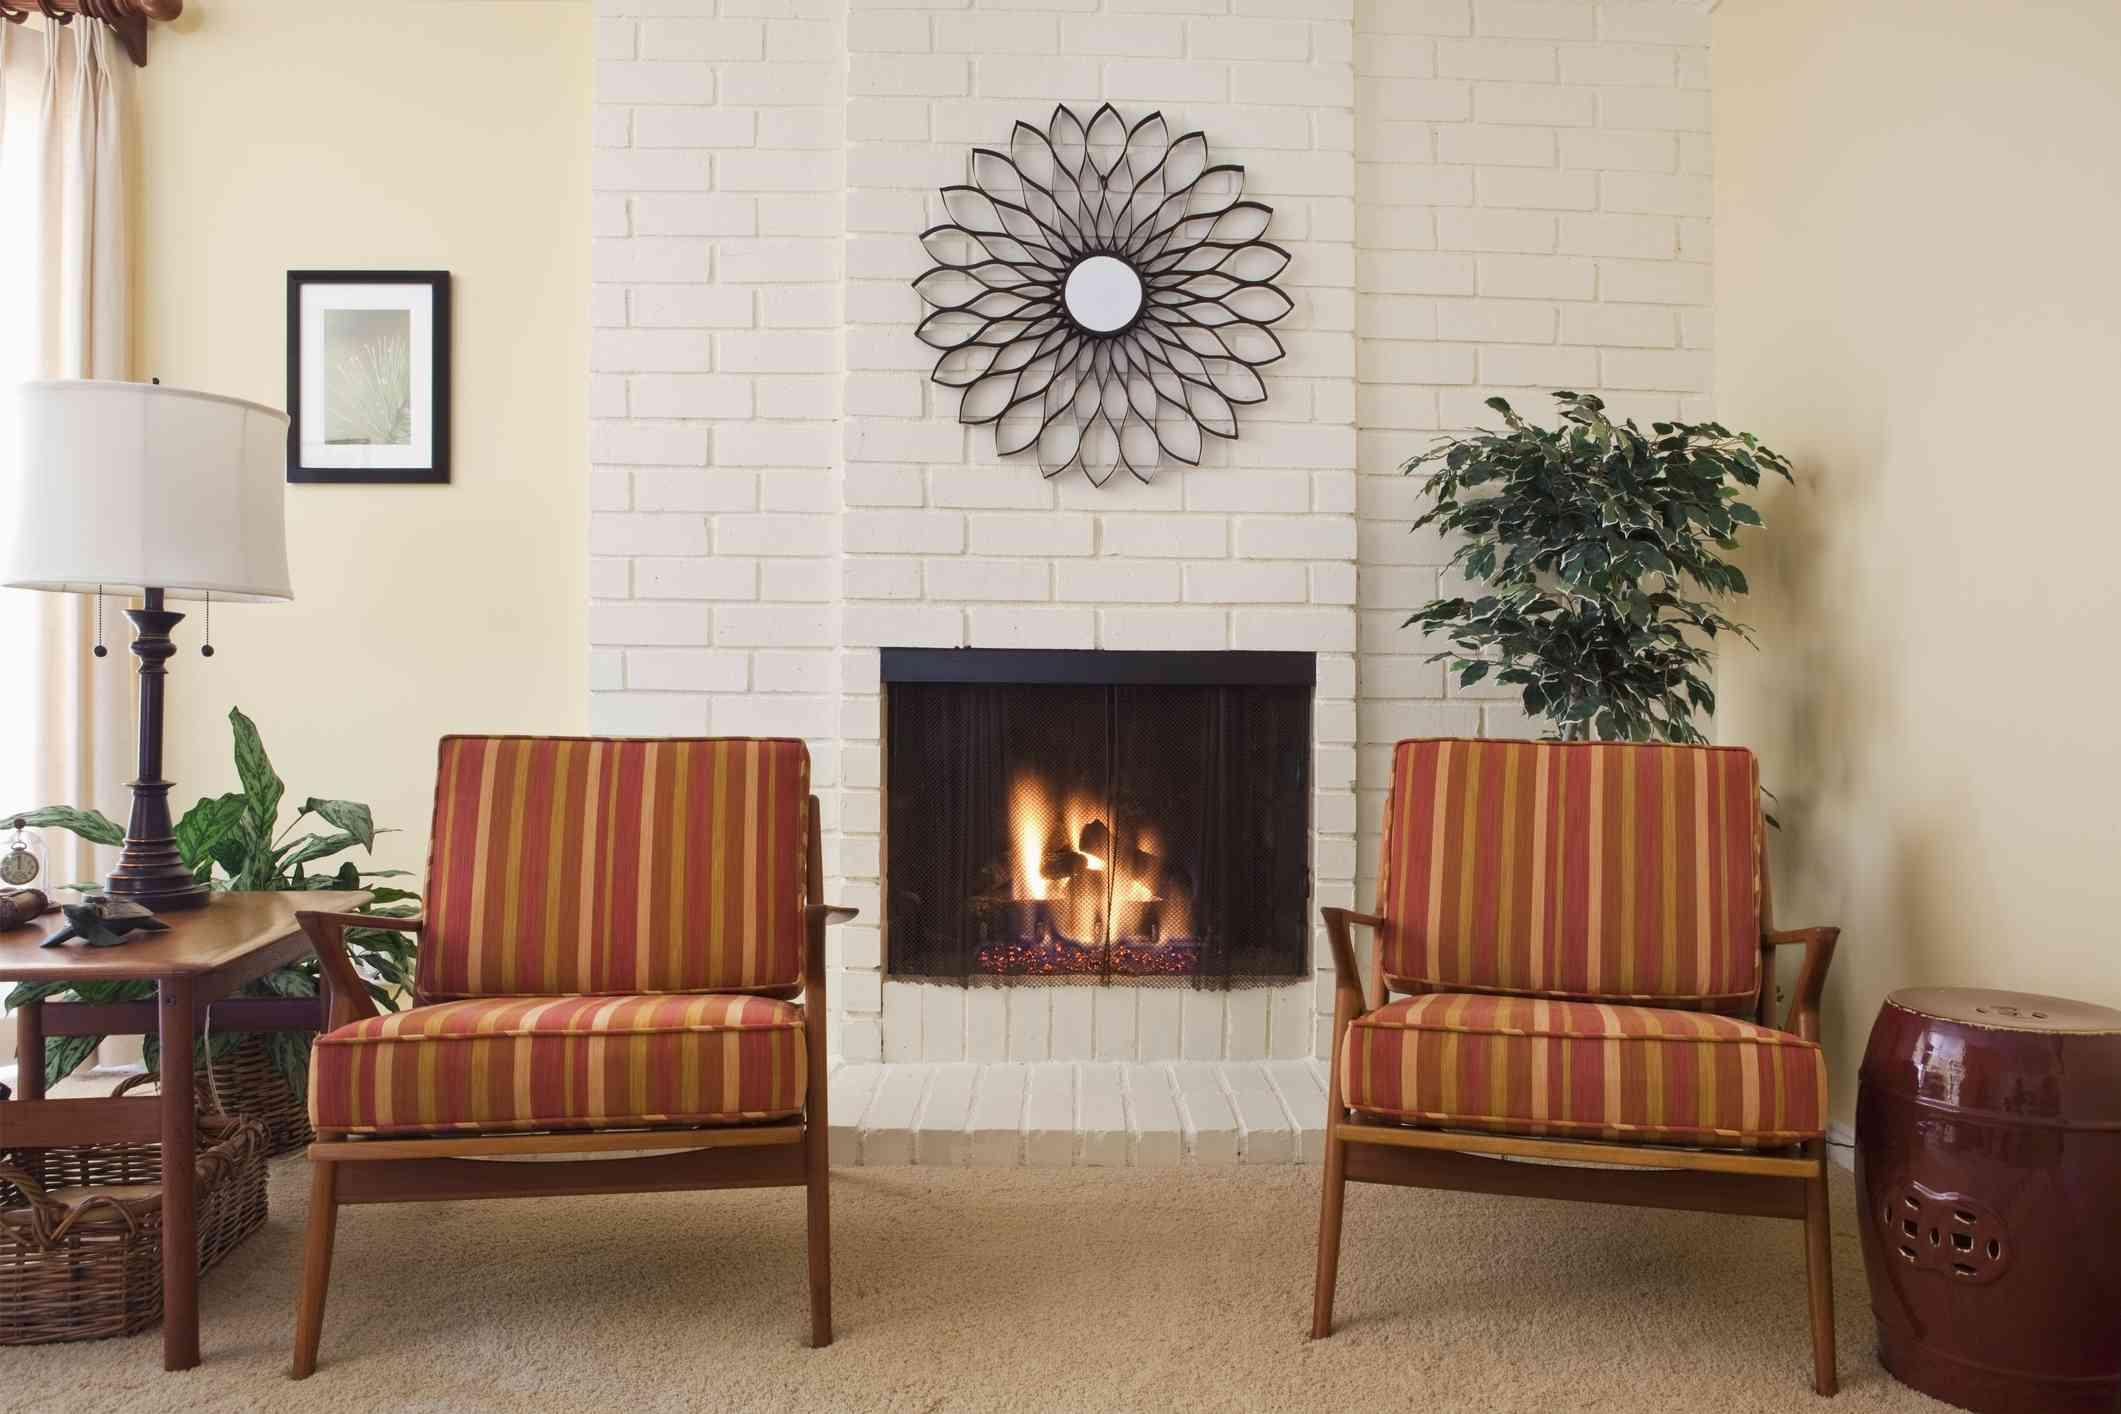 chimenea y sillones en la sala de estar